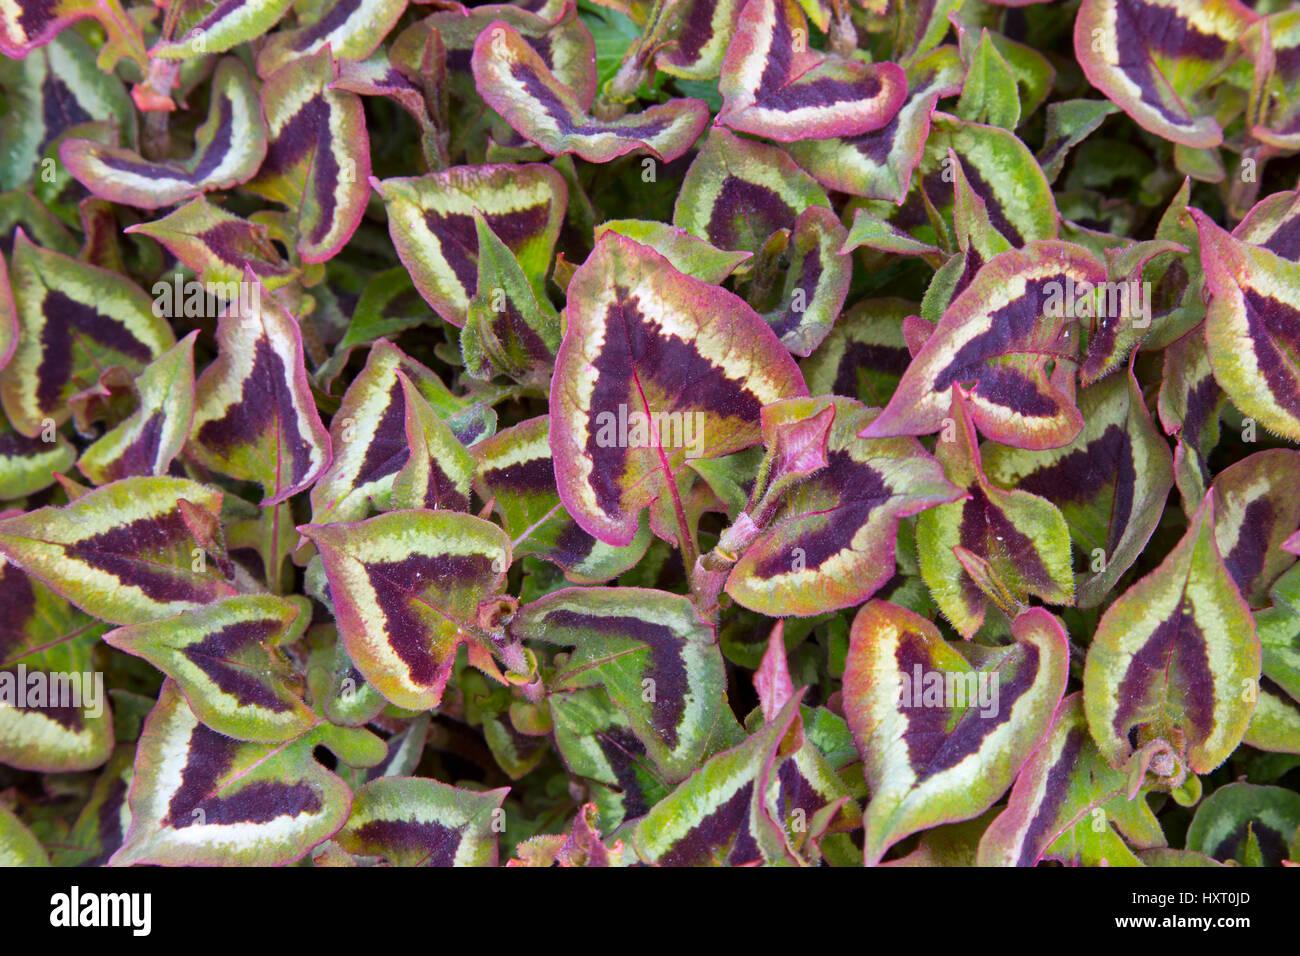 Persicaria runcinata 'Purple Fantasy' growing in border - Stock Image